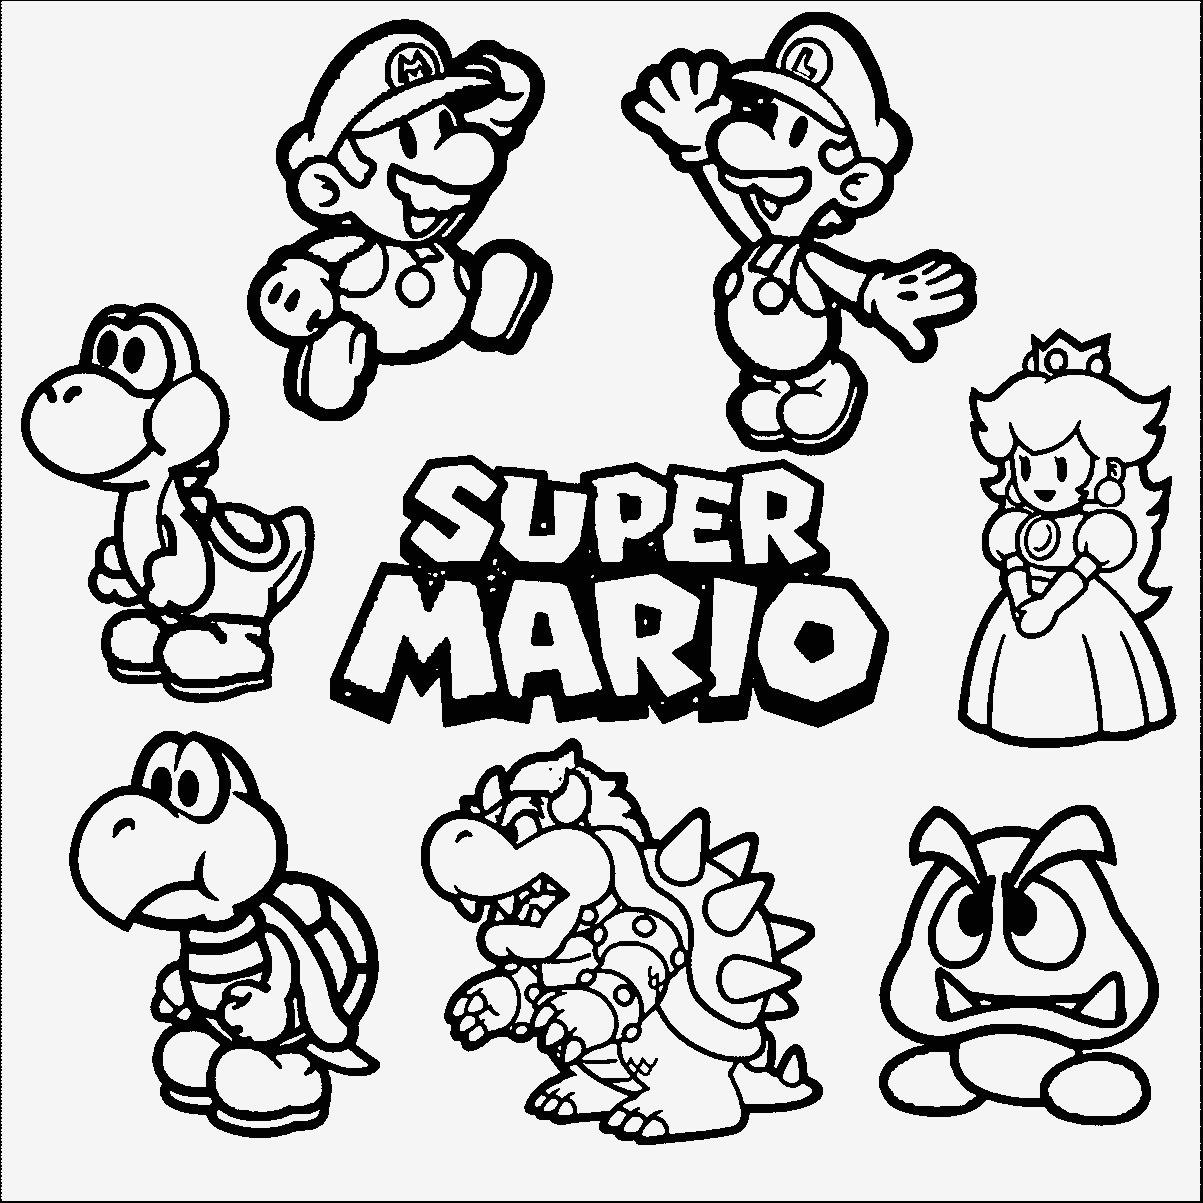 Super Mario Malvorlagen Inspirierend Mickeycarrollmunchkin Page 3 12 Kostenlose Malvorlagen Schön Fotografieren